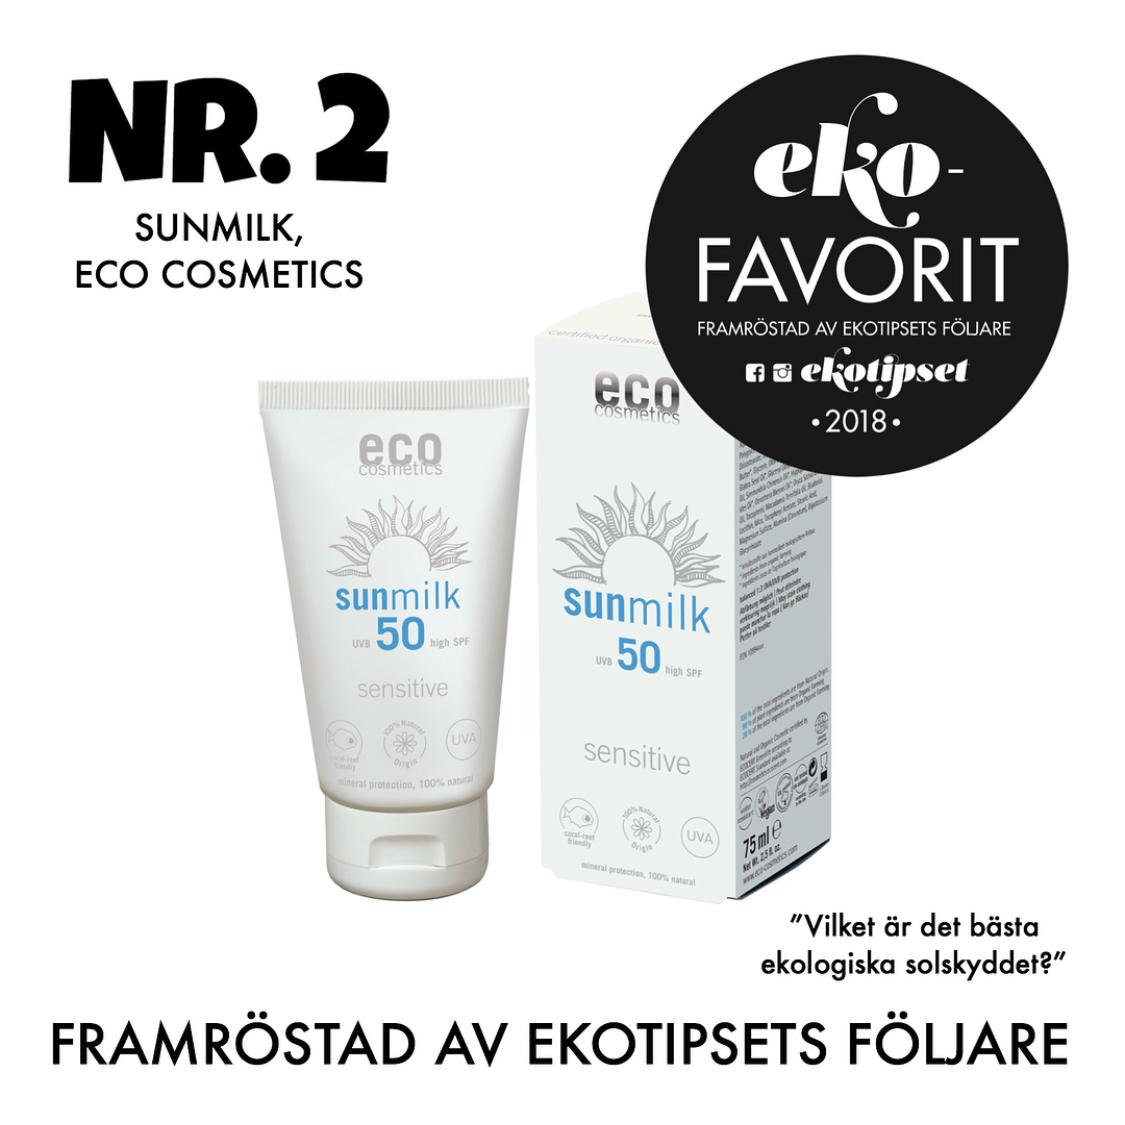 bästa ekologiska solskyddet eco cosmetics